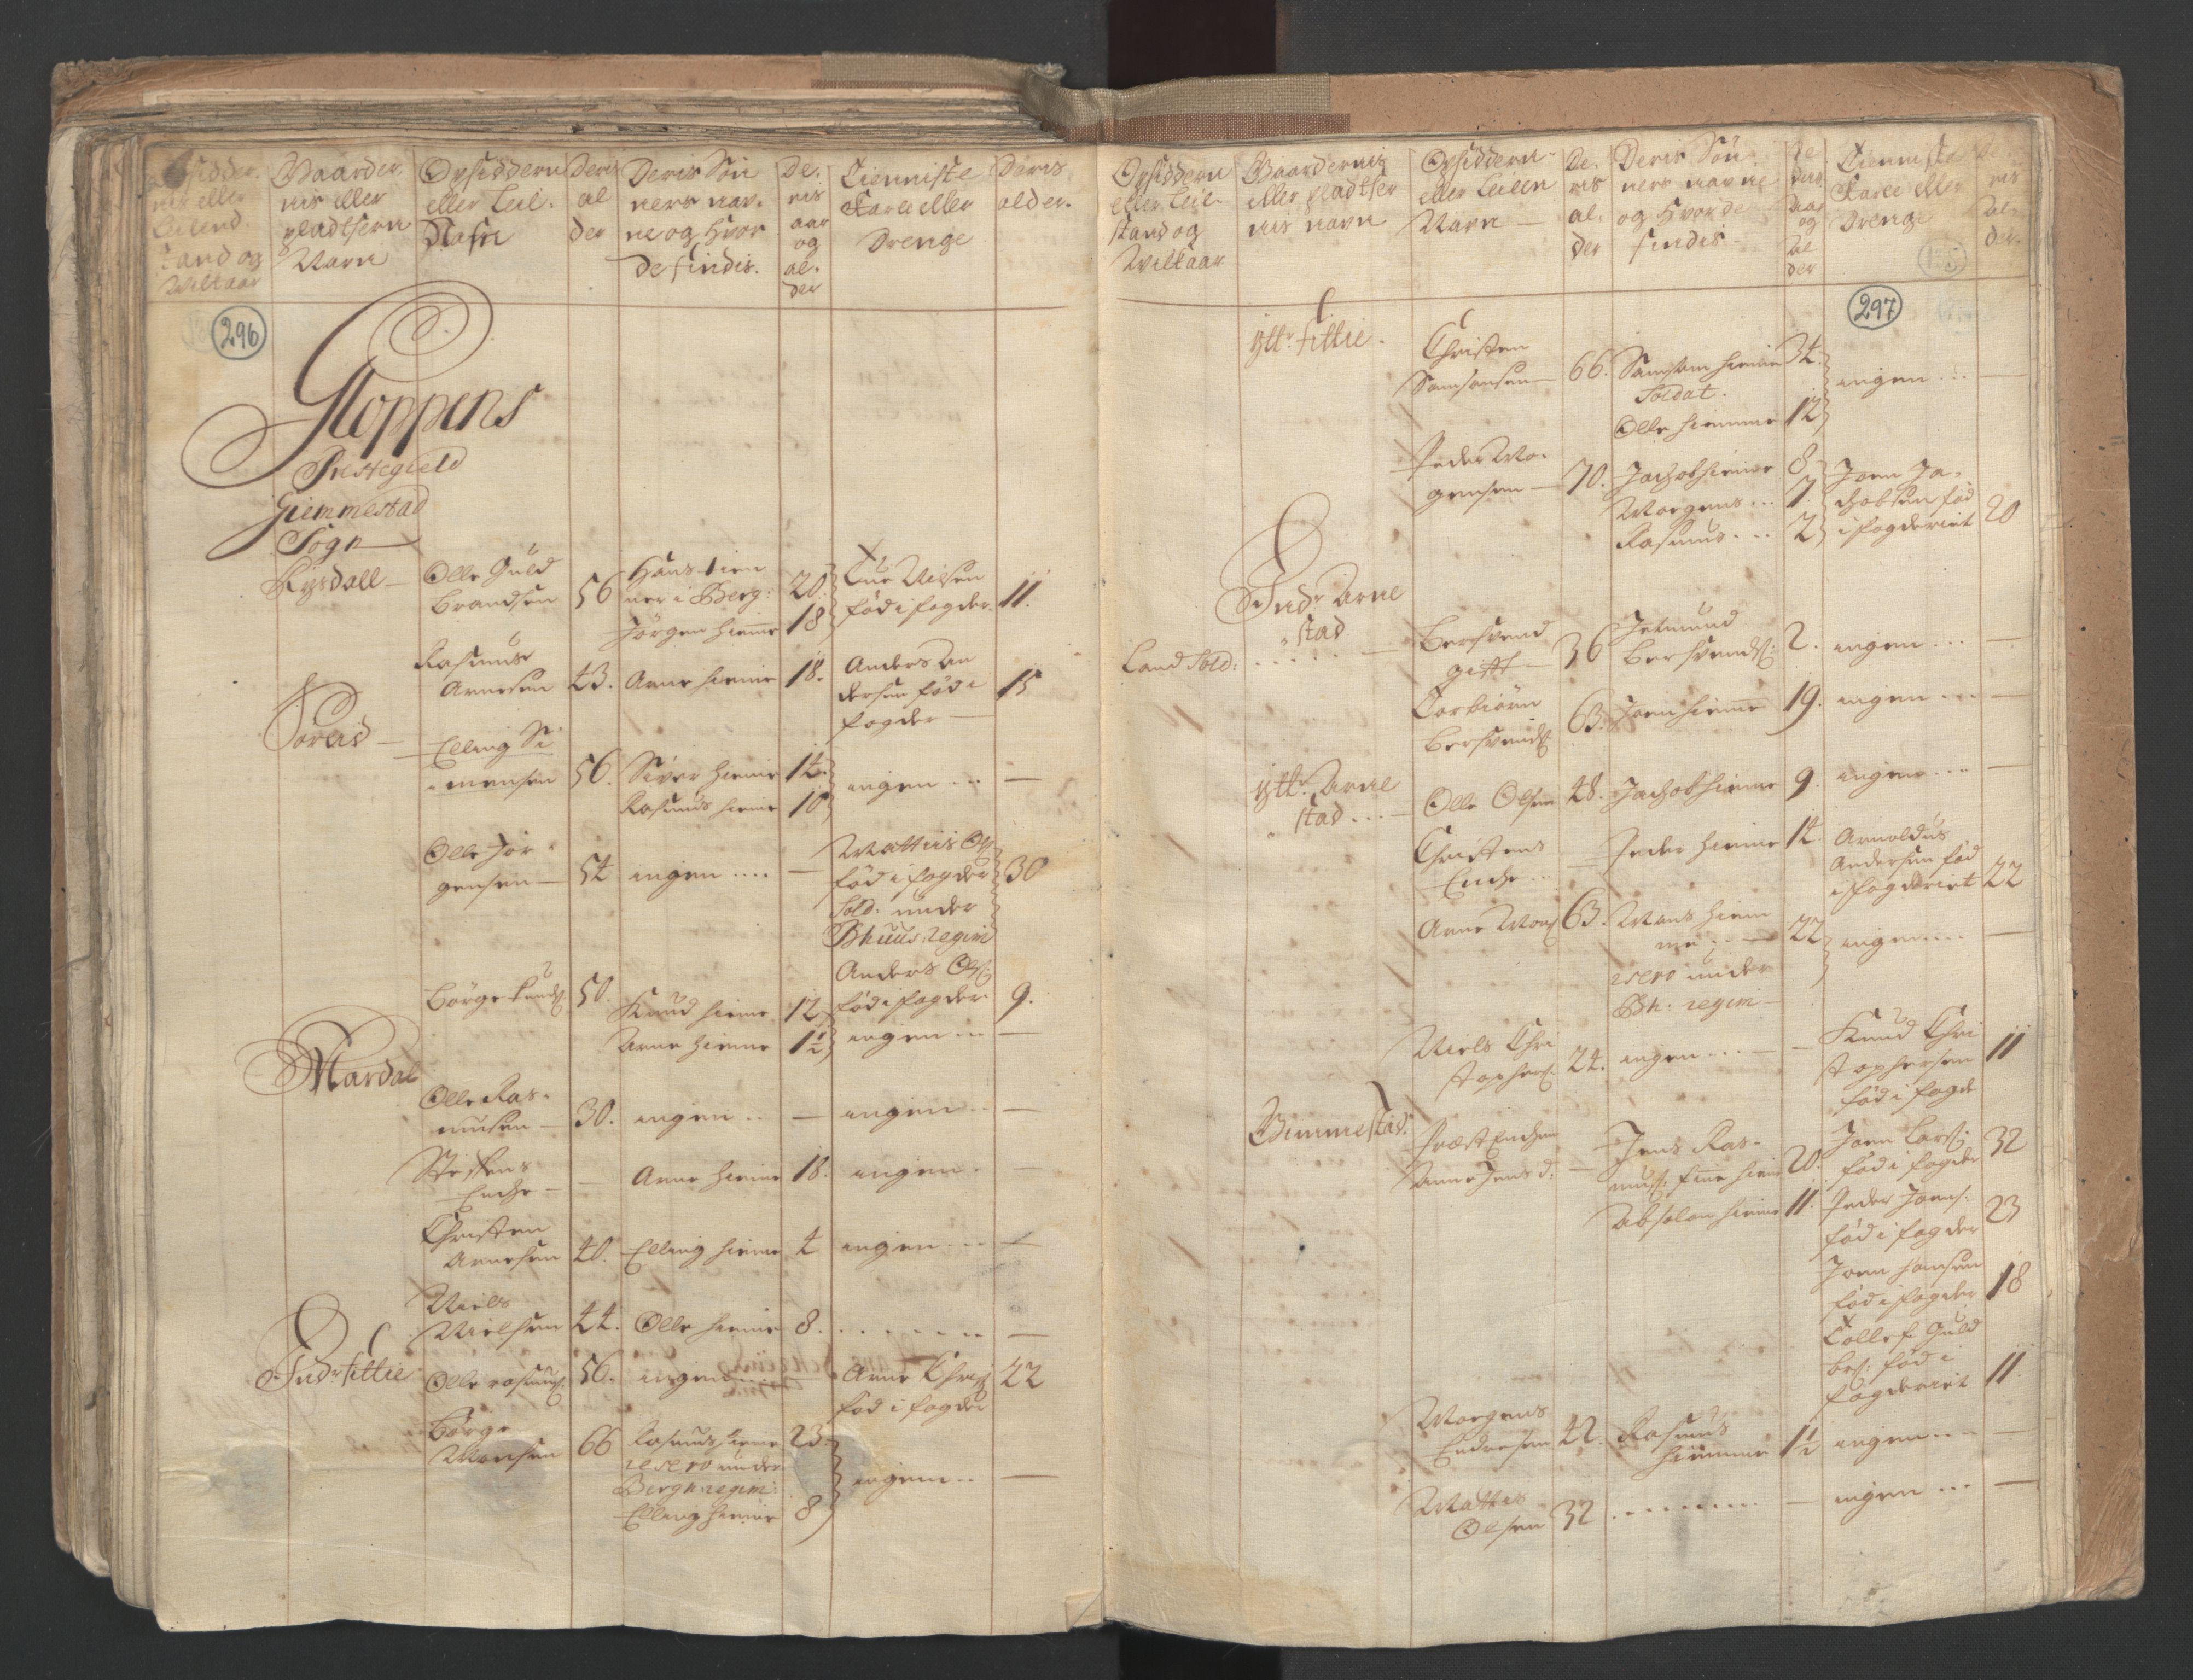 RA, Manntallet 1701, nr. 9: Sunnfjord fogderi, Nordfjord fogderi og Svanø birk, 1701, s. 296-297